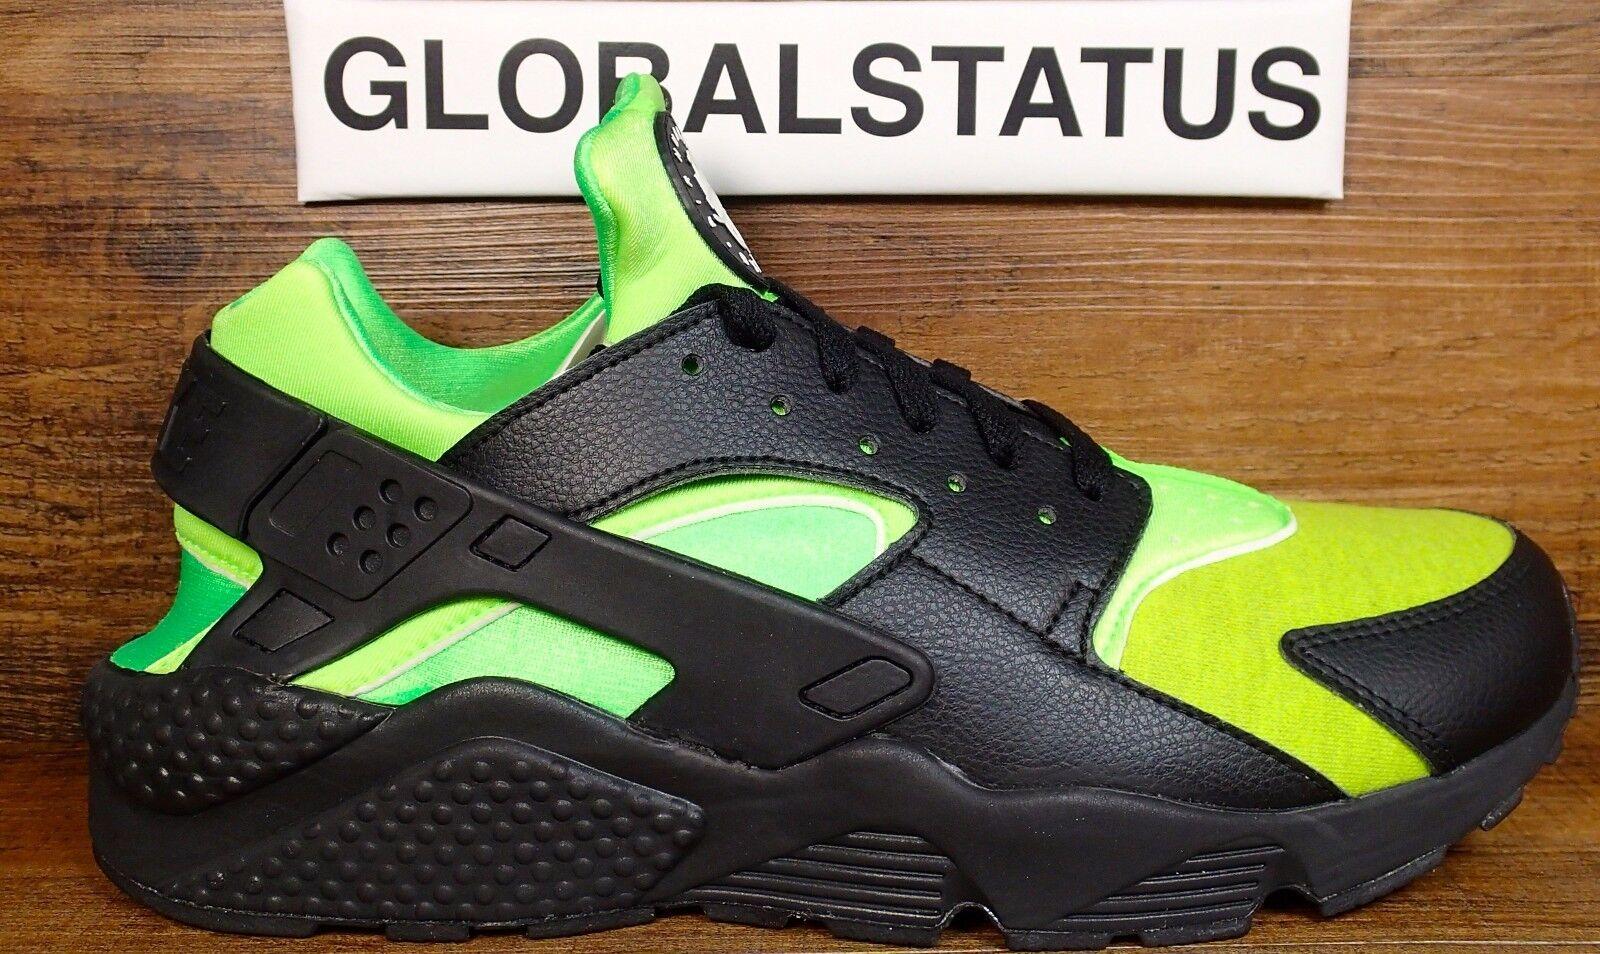 Uomo nike id aria huarache correre premio green nero 11 scarpe 777330 994 sz 11 nero 3a2be1